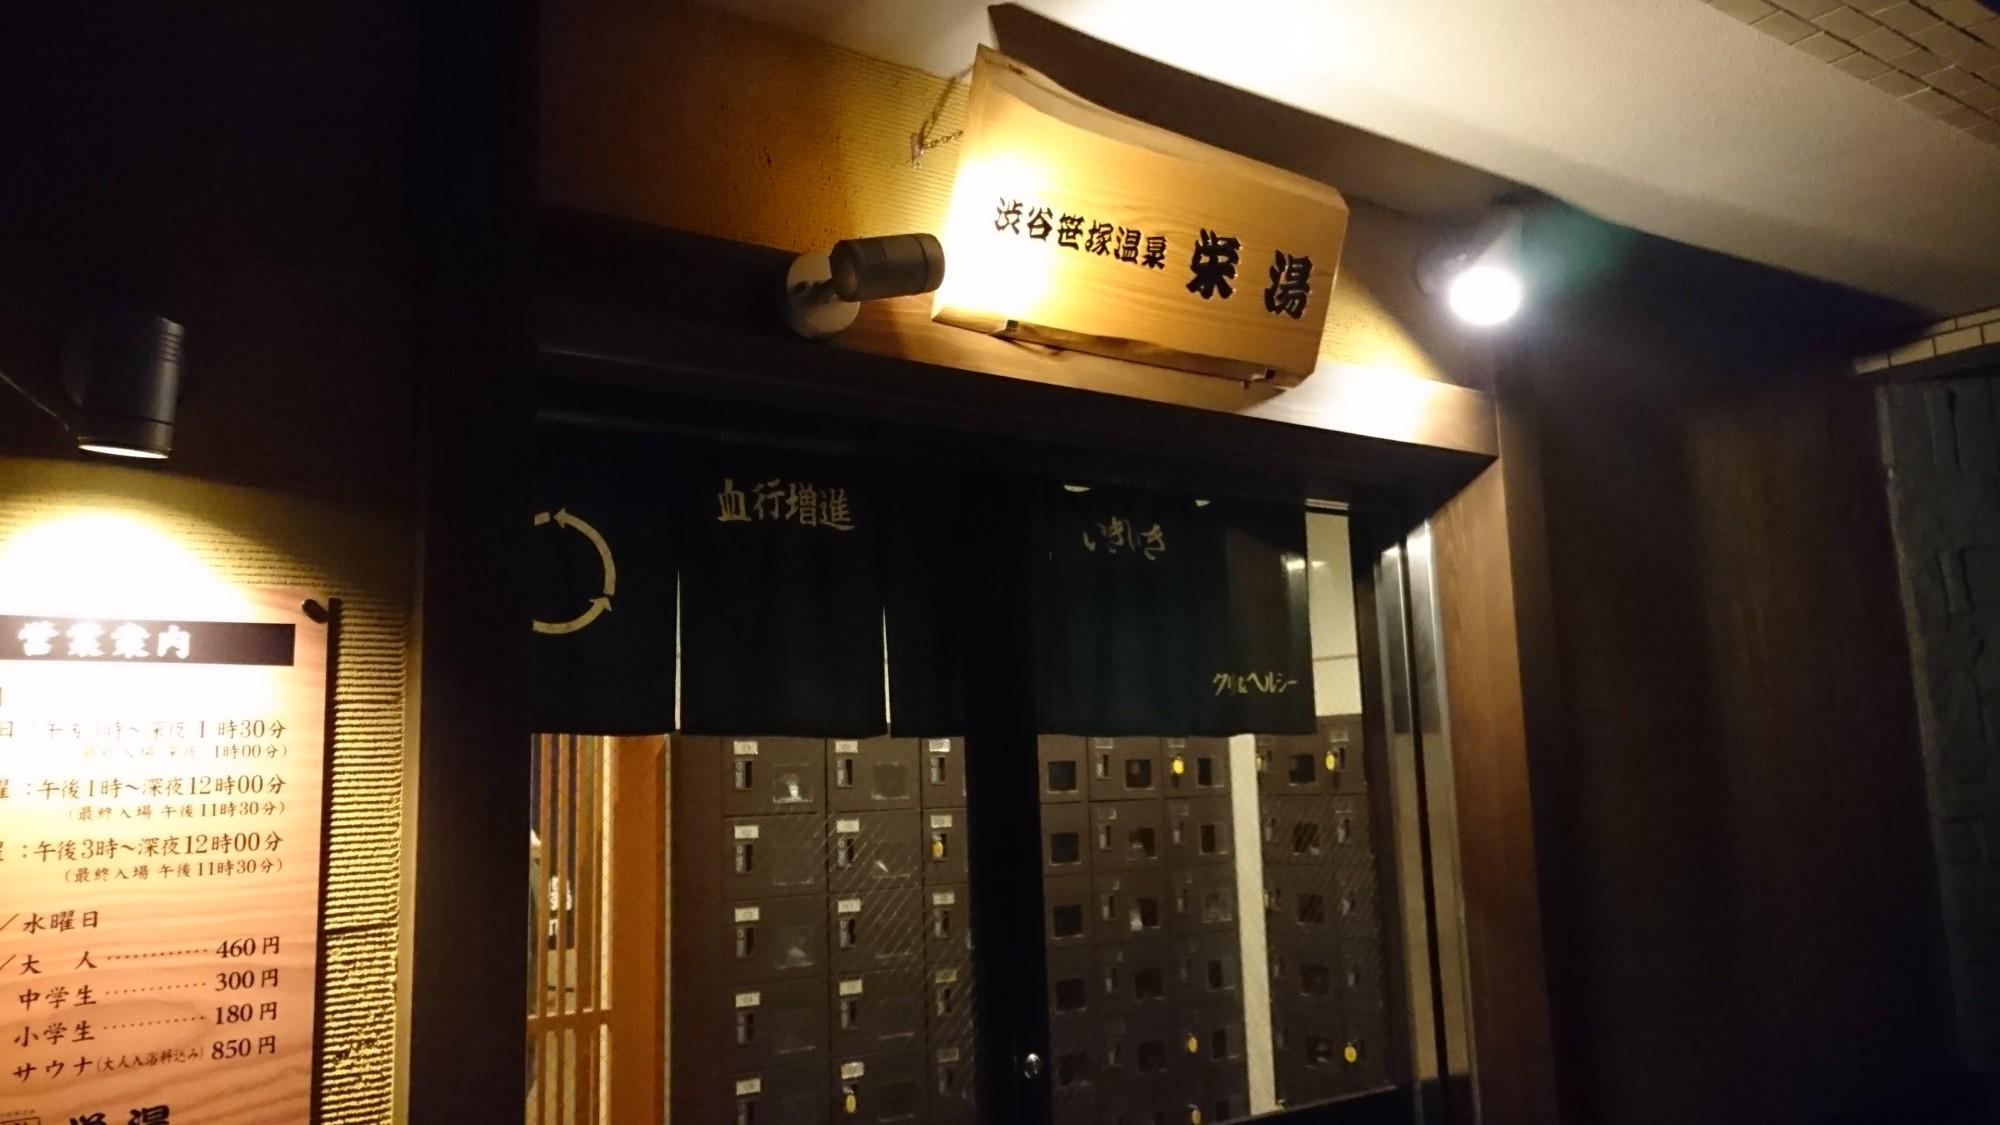 [東京,銭湯]アロマ湯&超強力マッサージ湯。 @笹塚 栄湯 [ROUTE12]